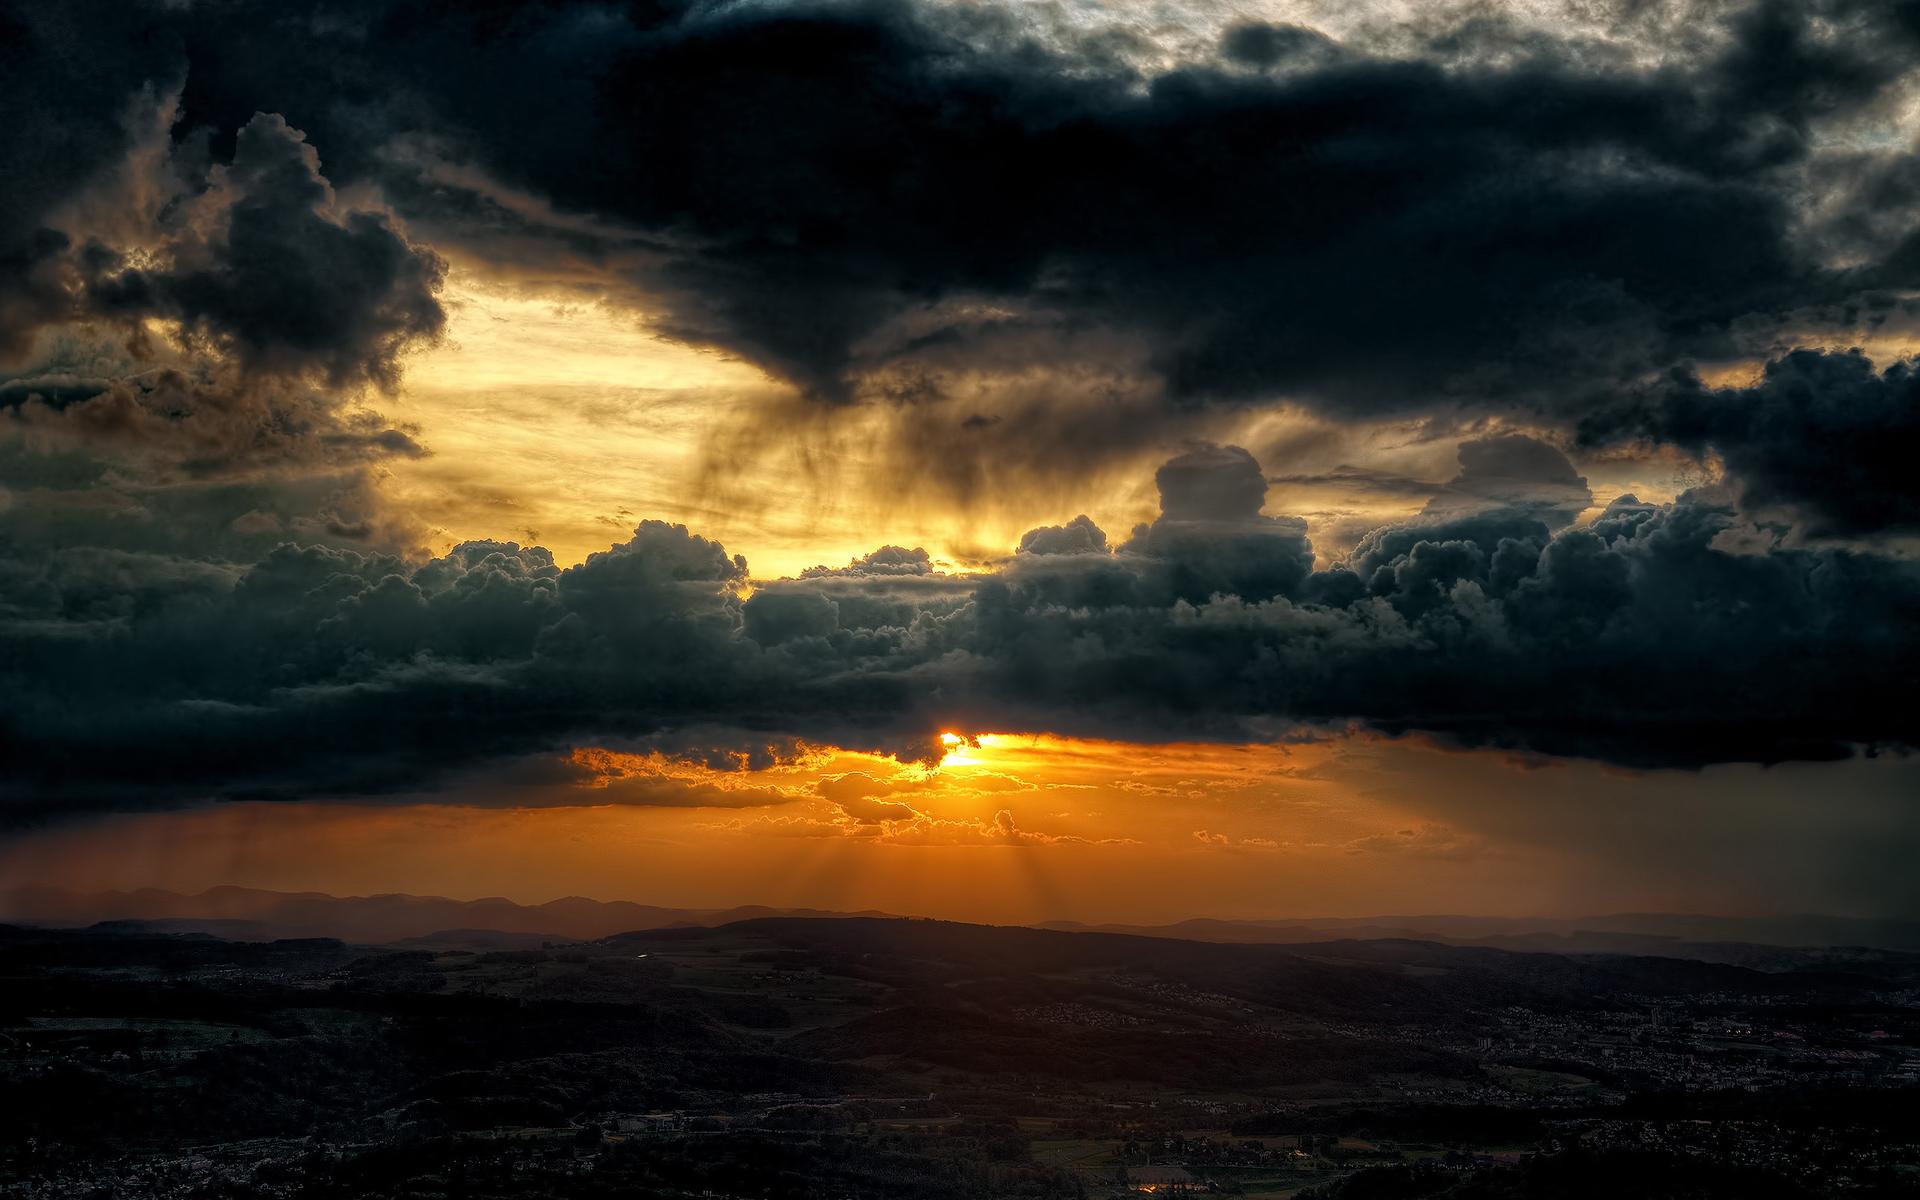 грустное небо фото как соды